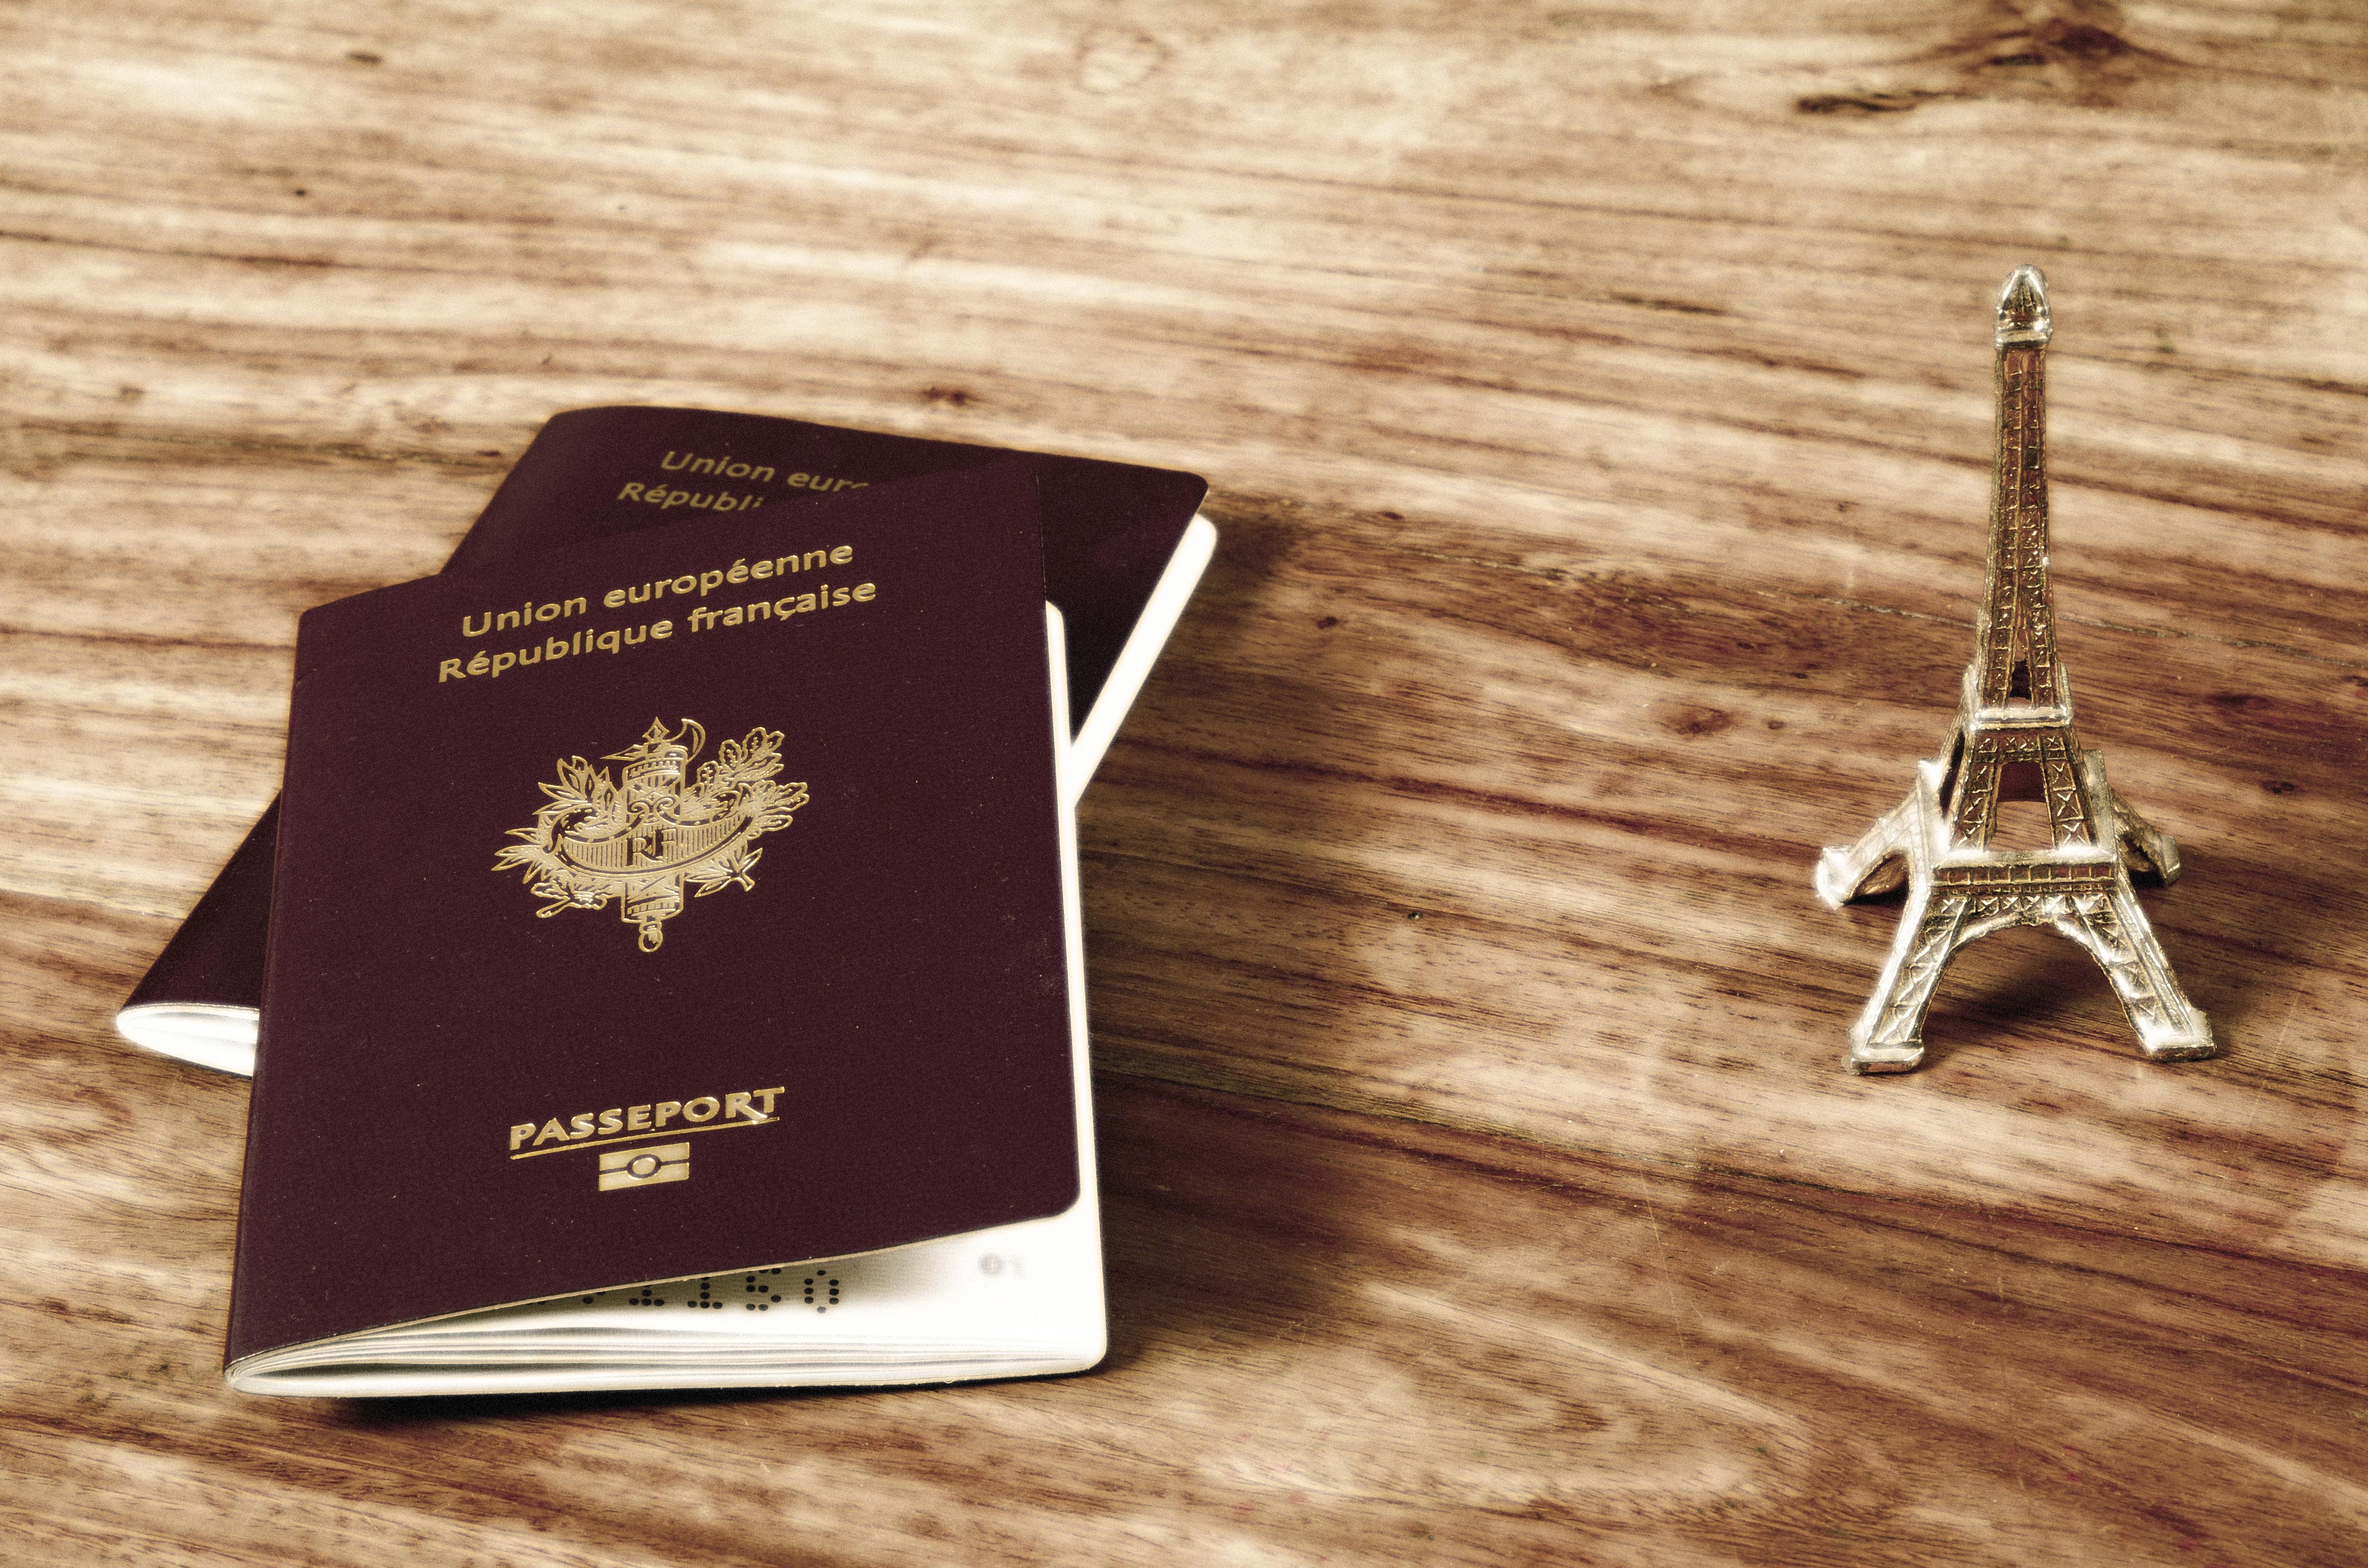 Паспорт Франции, гражданство которой могут получить россияне, украинцы и белорусы